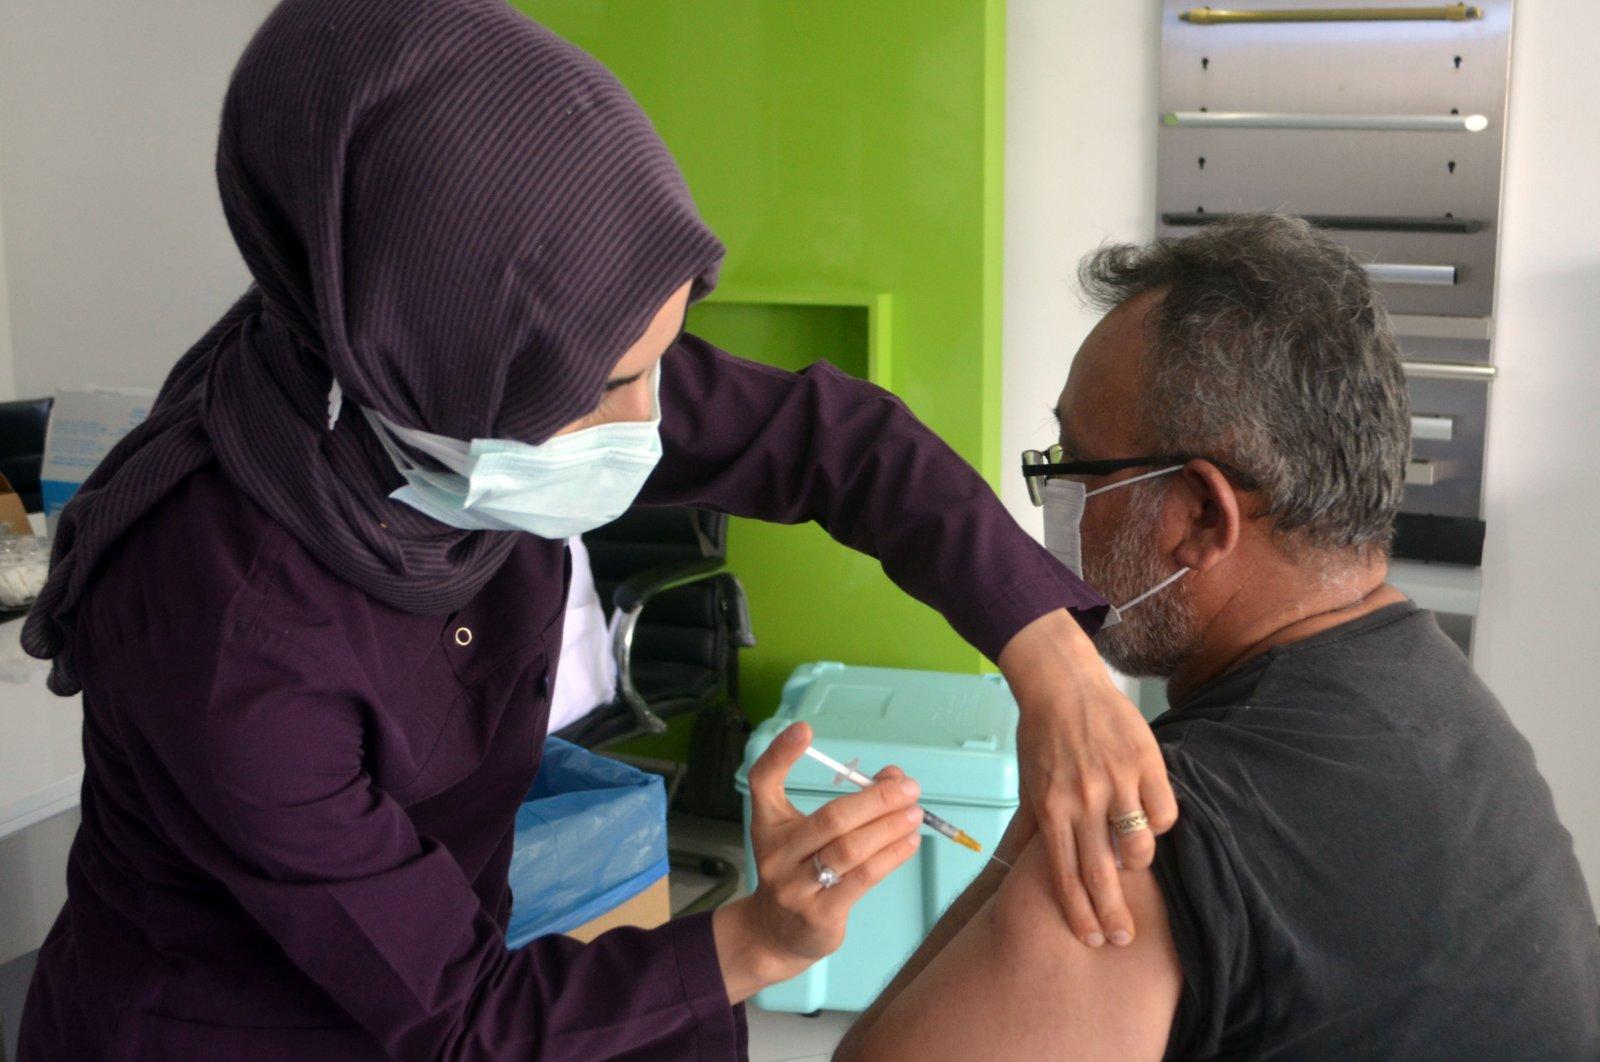 ترکیه: واکسینه شدن 54 درصد جمعیت بالای 18 سال علیه کرونا